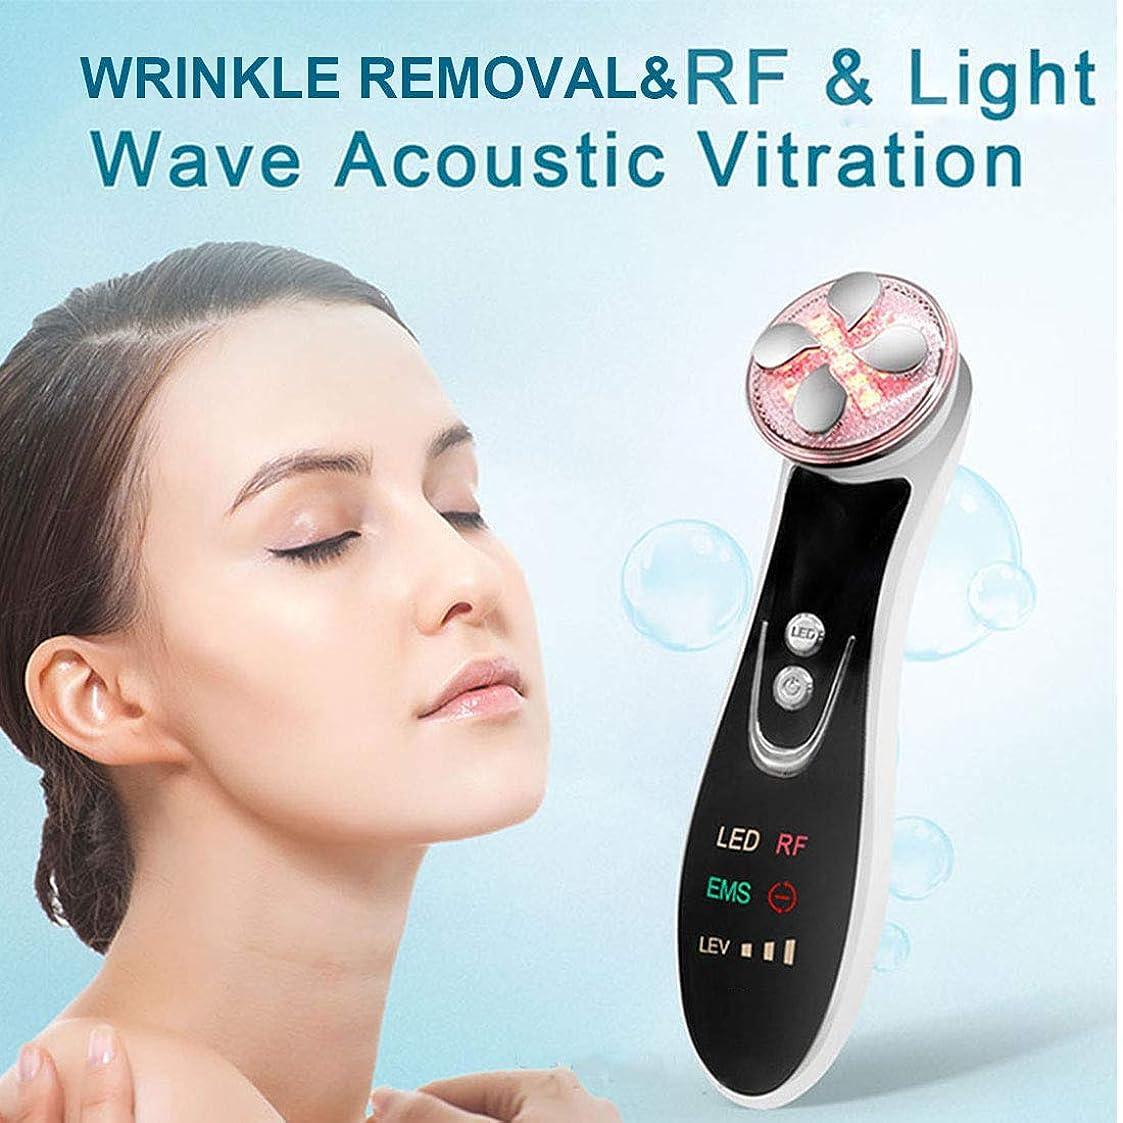 取り扱い地球近代化5色のLED光療法EMSのRFフェイス美容マッサージャーマシンフェイスリフトスキン締めのための